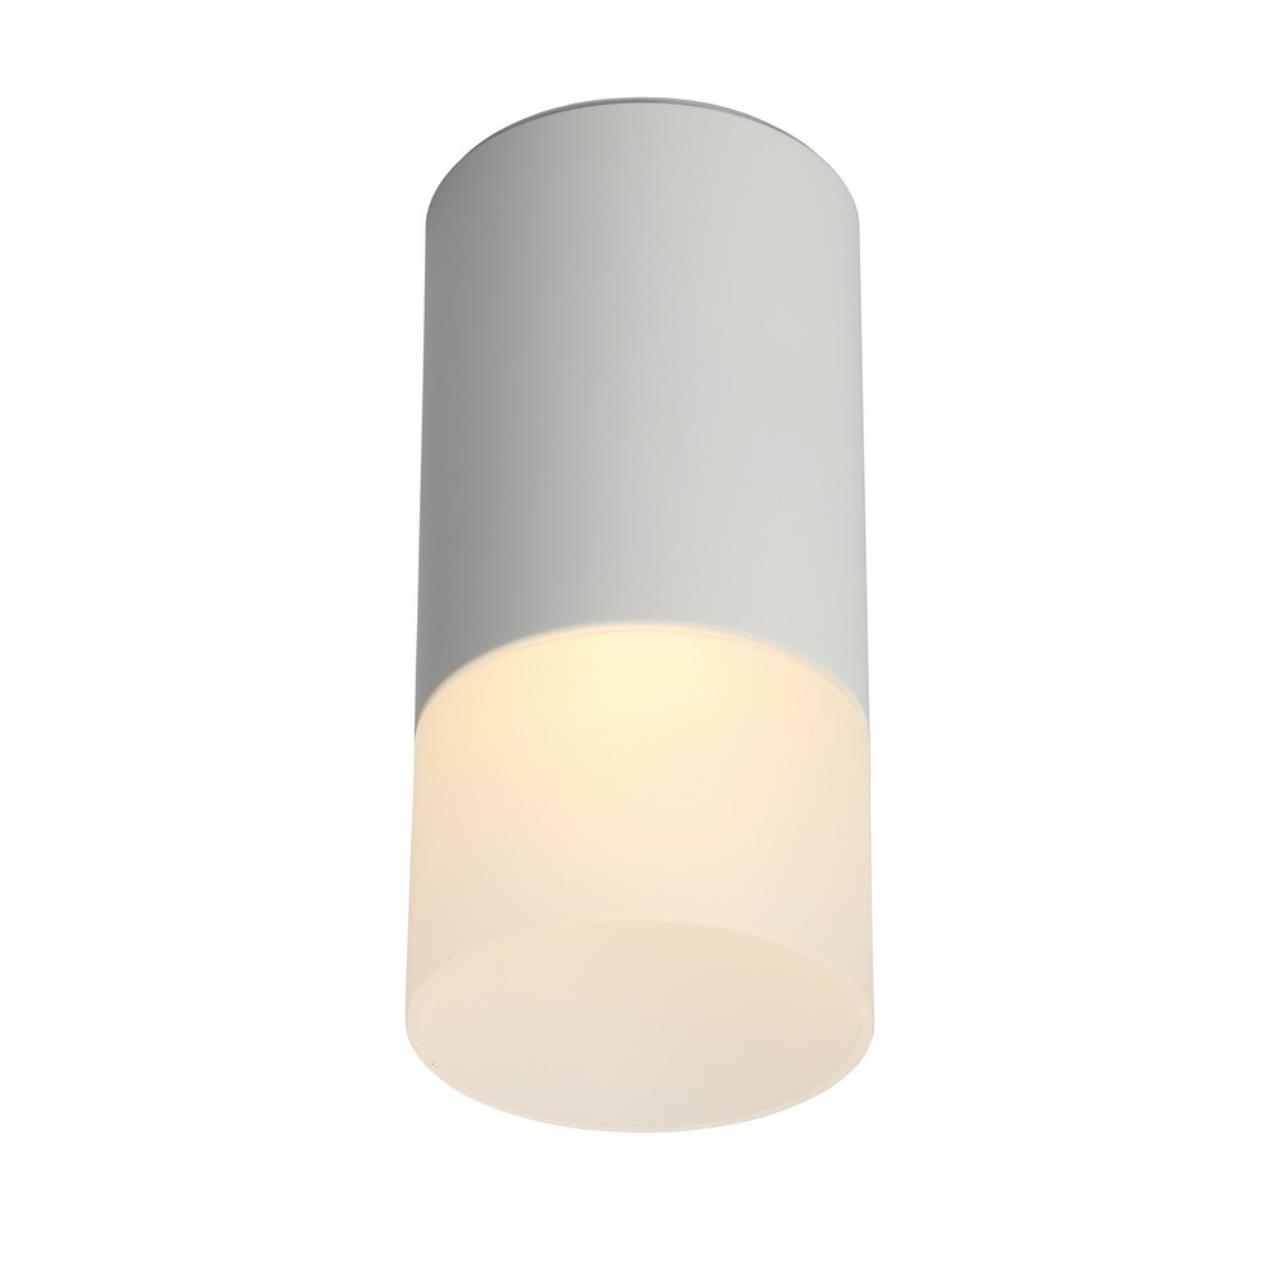 Встраиваемый-накладной светильник Omnilux OML-100609-01